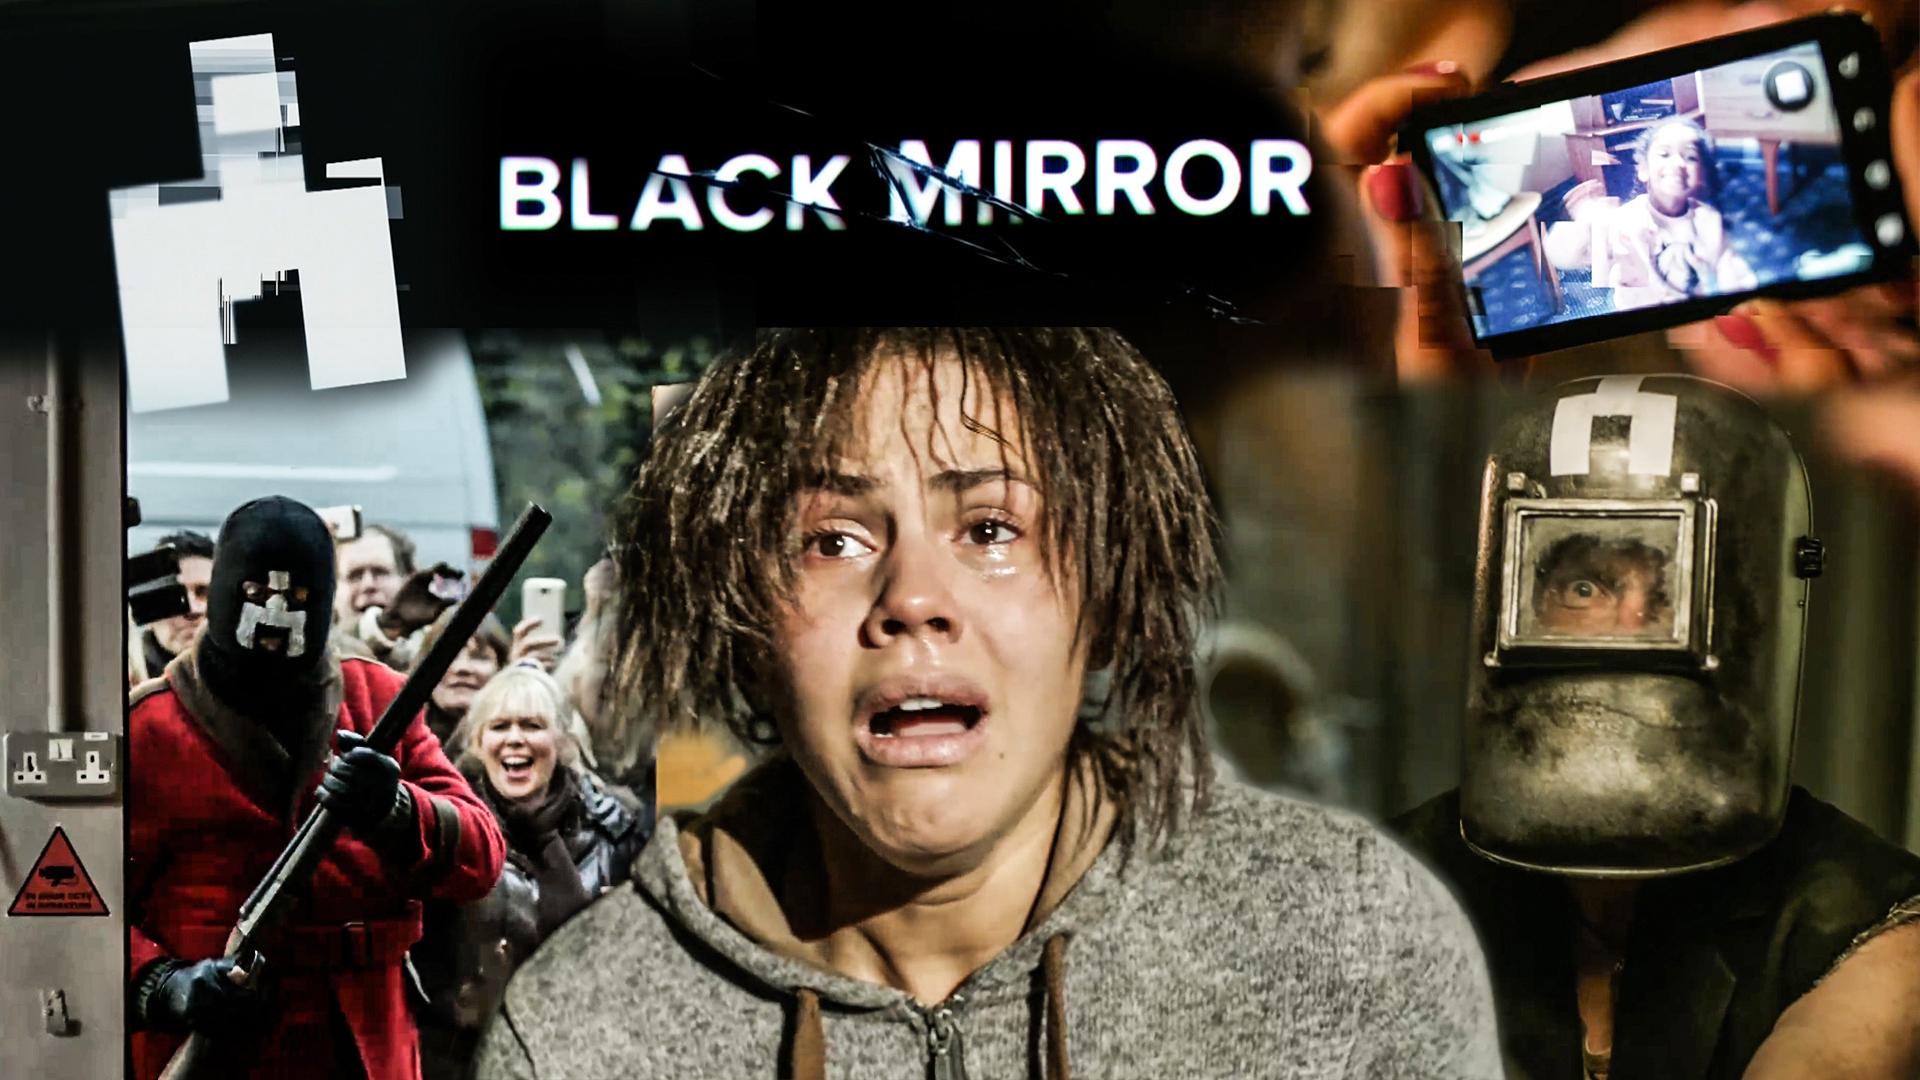 【墨菲】《黑镜·白熊》:全世界旁观弱者被猎杀——正义狂欢秀